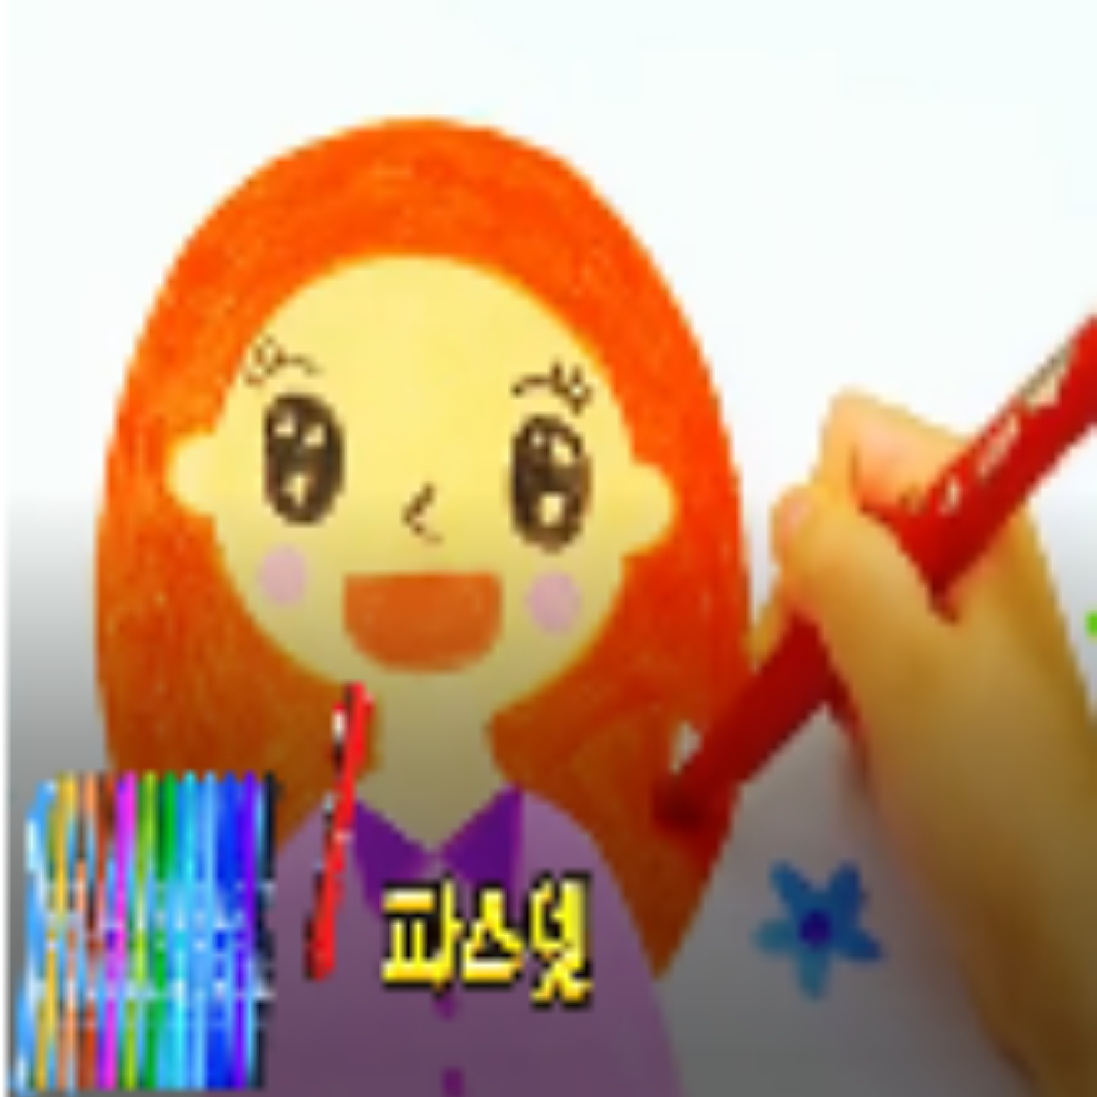 색연필을 쓰고 싶어져요.